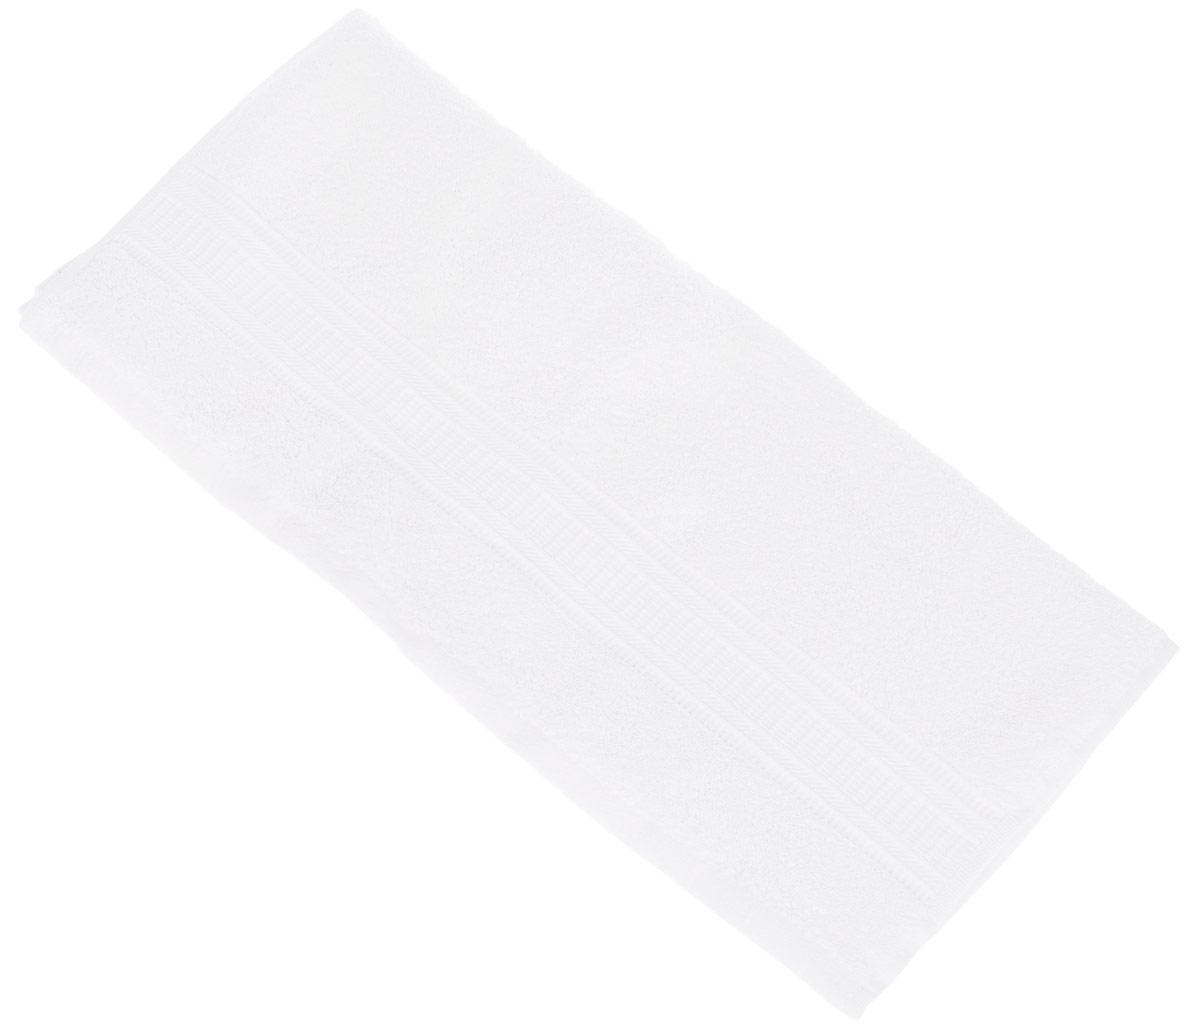 Полотенце TAC Mixandsleep, цвет: белый, 50 х 90 см1201Махровое полотенце TAC Mixandsleep выполнено из приятного на ощупь натурального хлопка кремового цвета и декорировано изящным орнаментом. Полотенце прекрасно впитывает влагу и легко стирается.Полотенце TAC Mixandsleep создаст атмосферу уюта и комфорта в вашем доме.Хлопок - это волшебный цветок, хранящий в своем сердце тепло и нежность. Человек начал использовать волокна этих растений еще в глубокой древности. Этот натуральный материал обладает такими свойствами как гигроскопичность и гипоаллергенность.